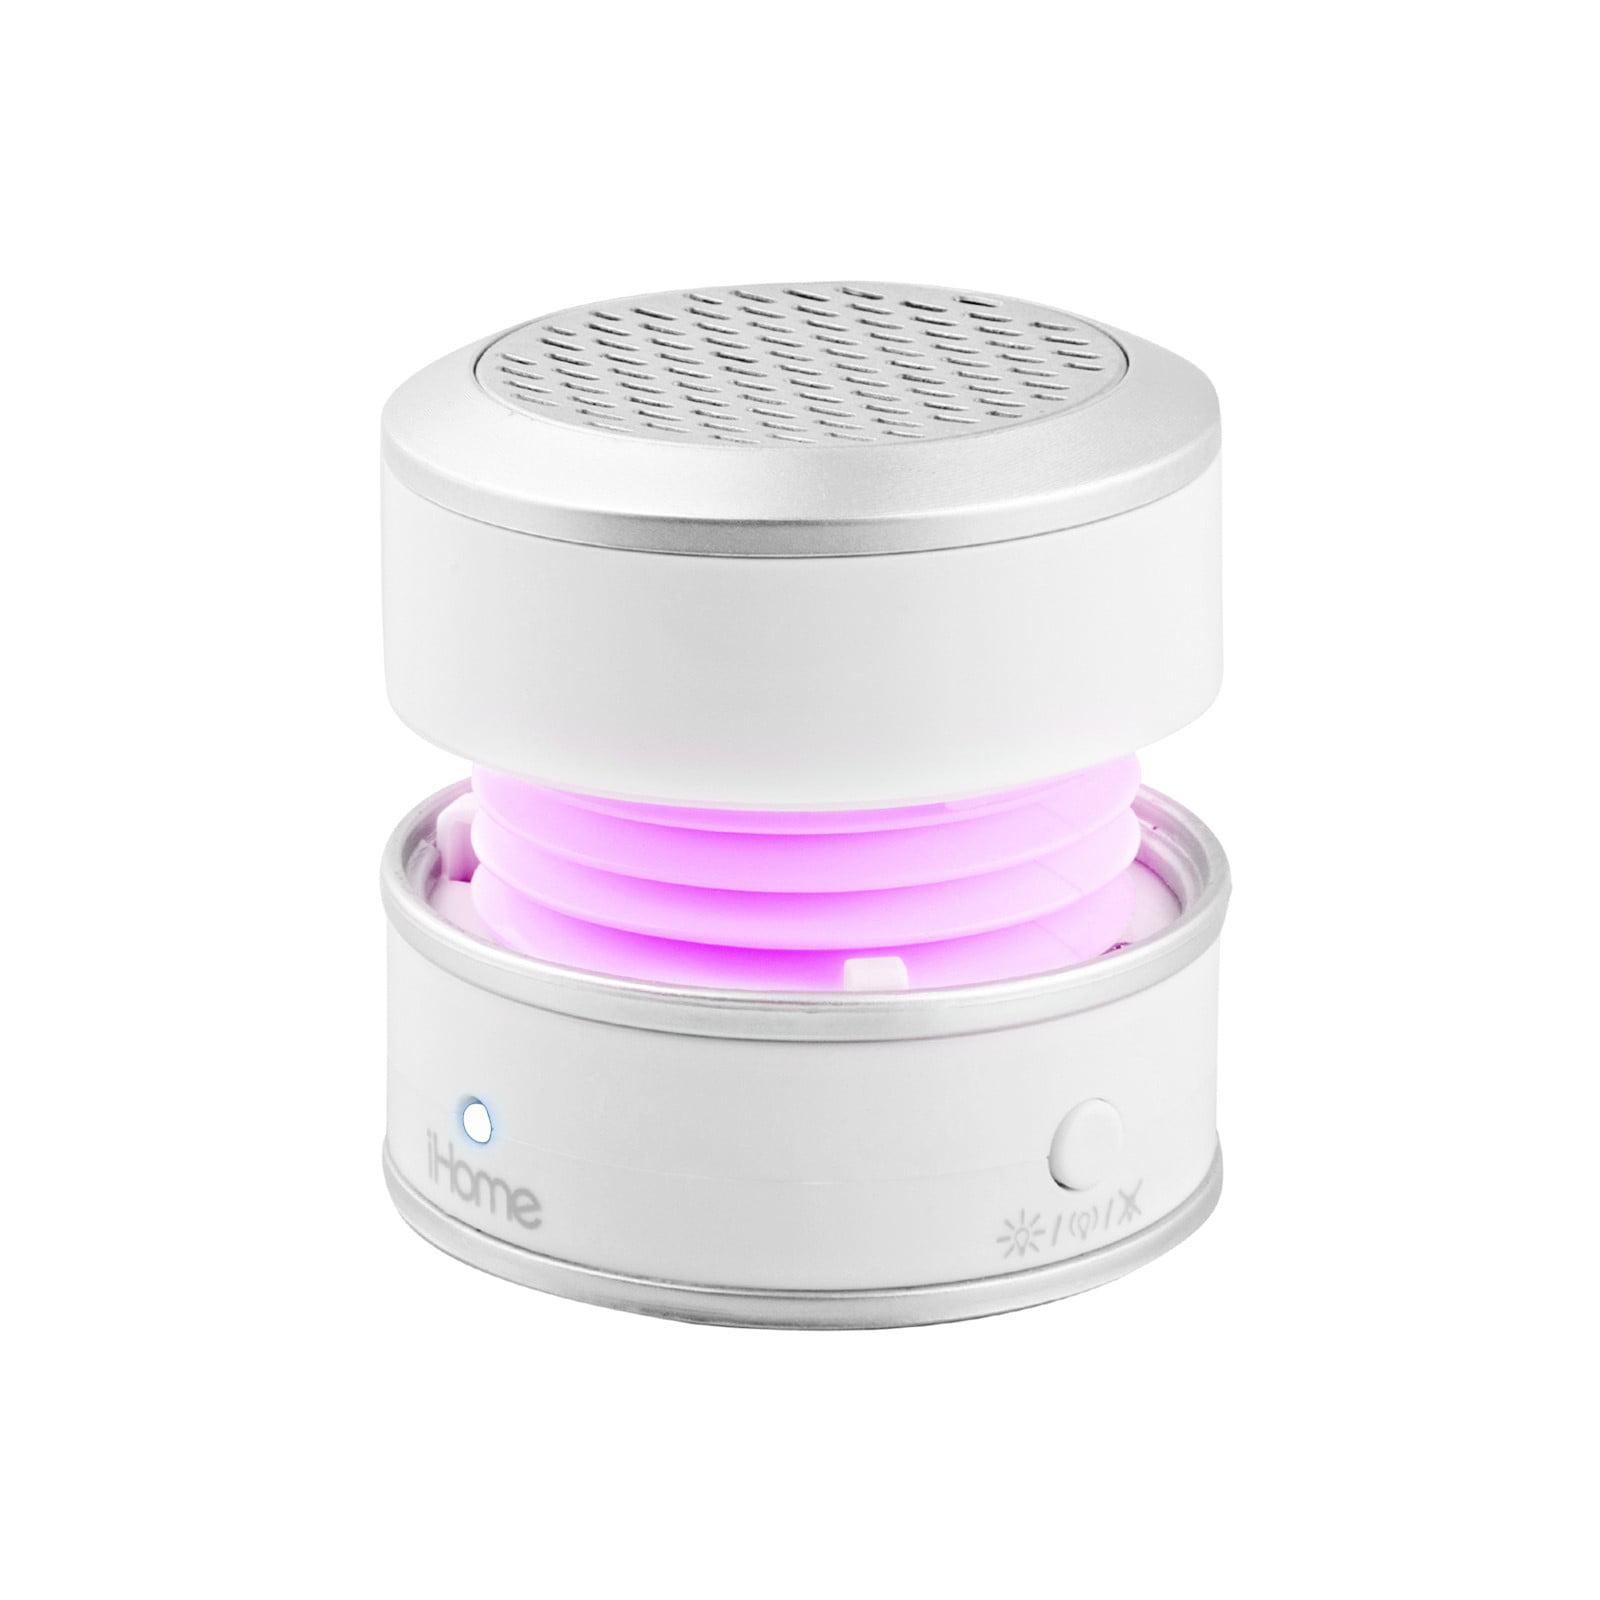 iHome Stereo Mini Speaker